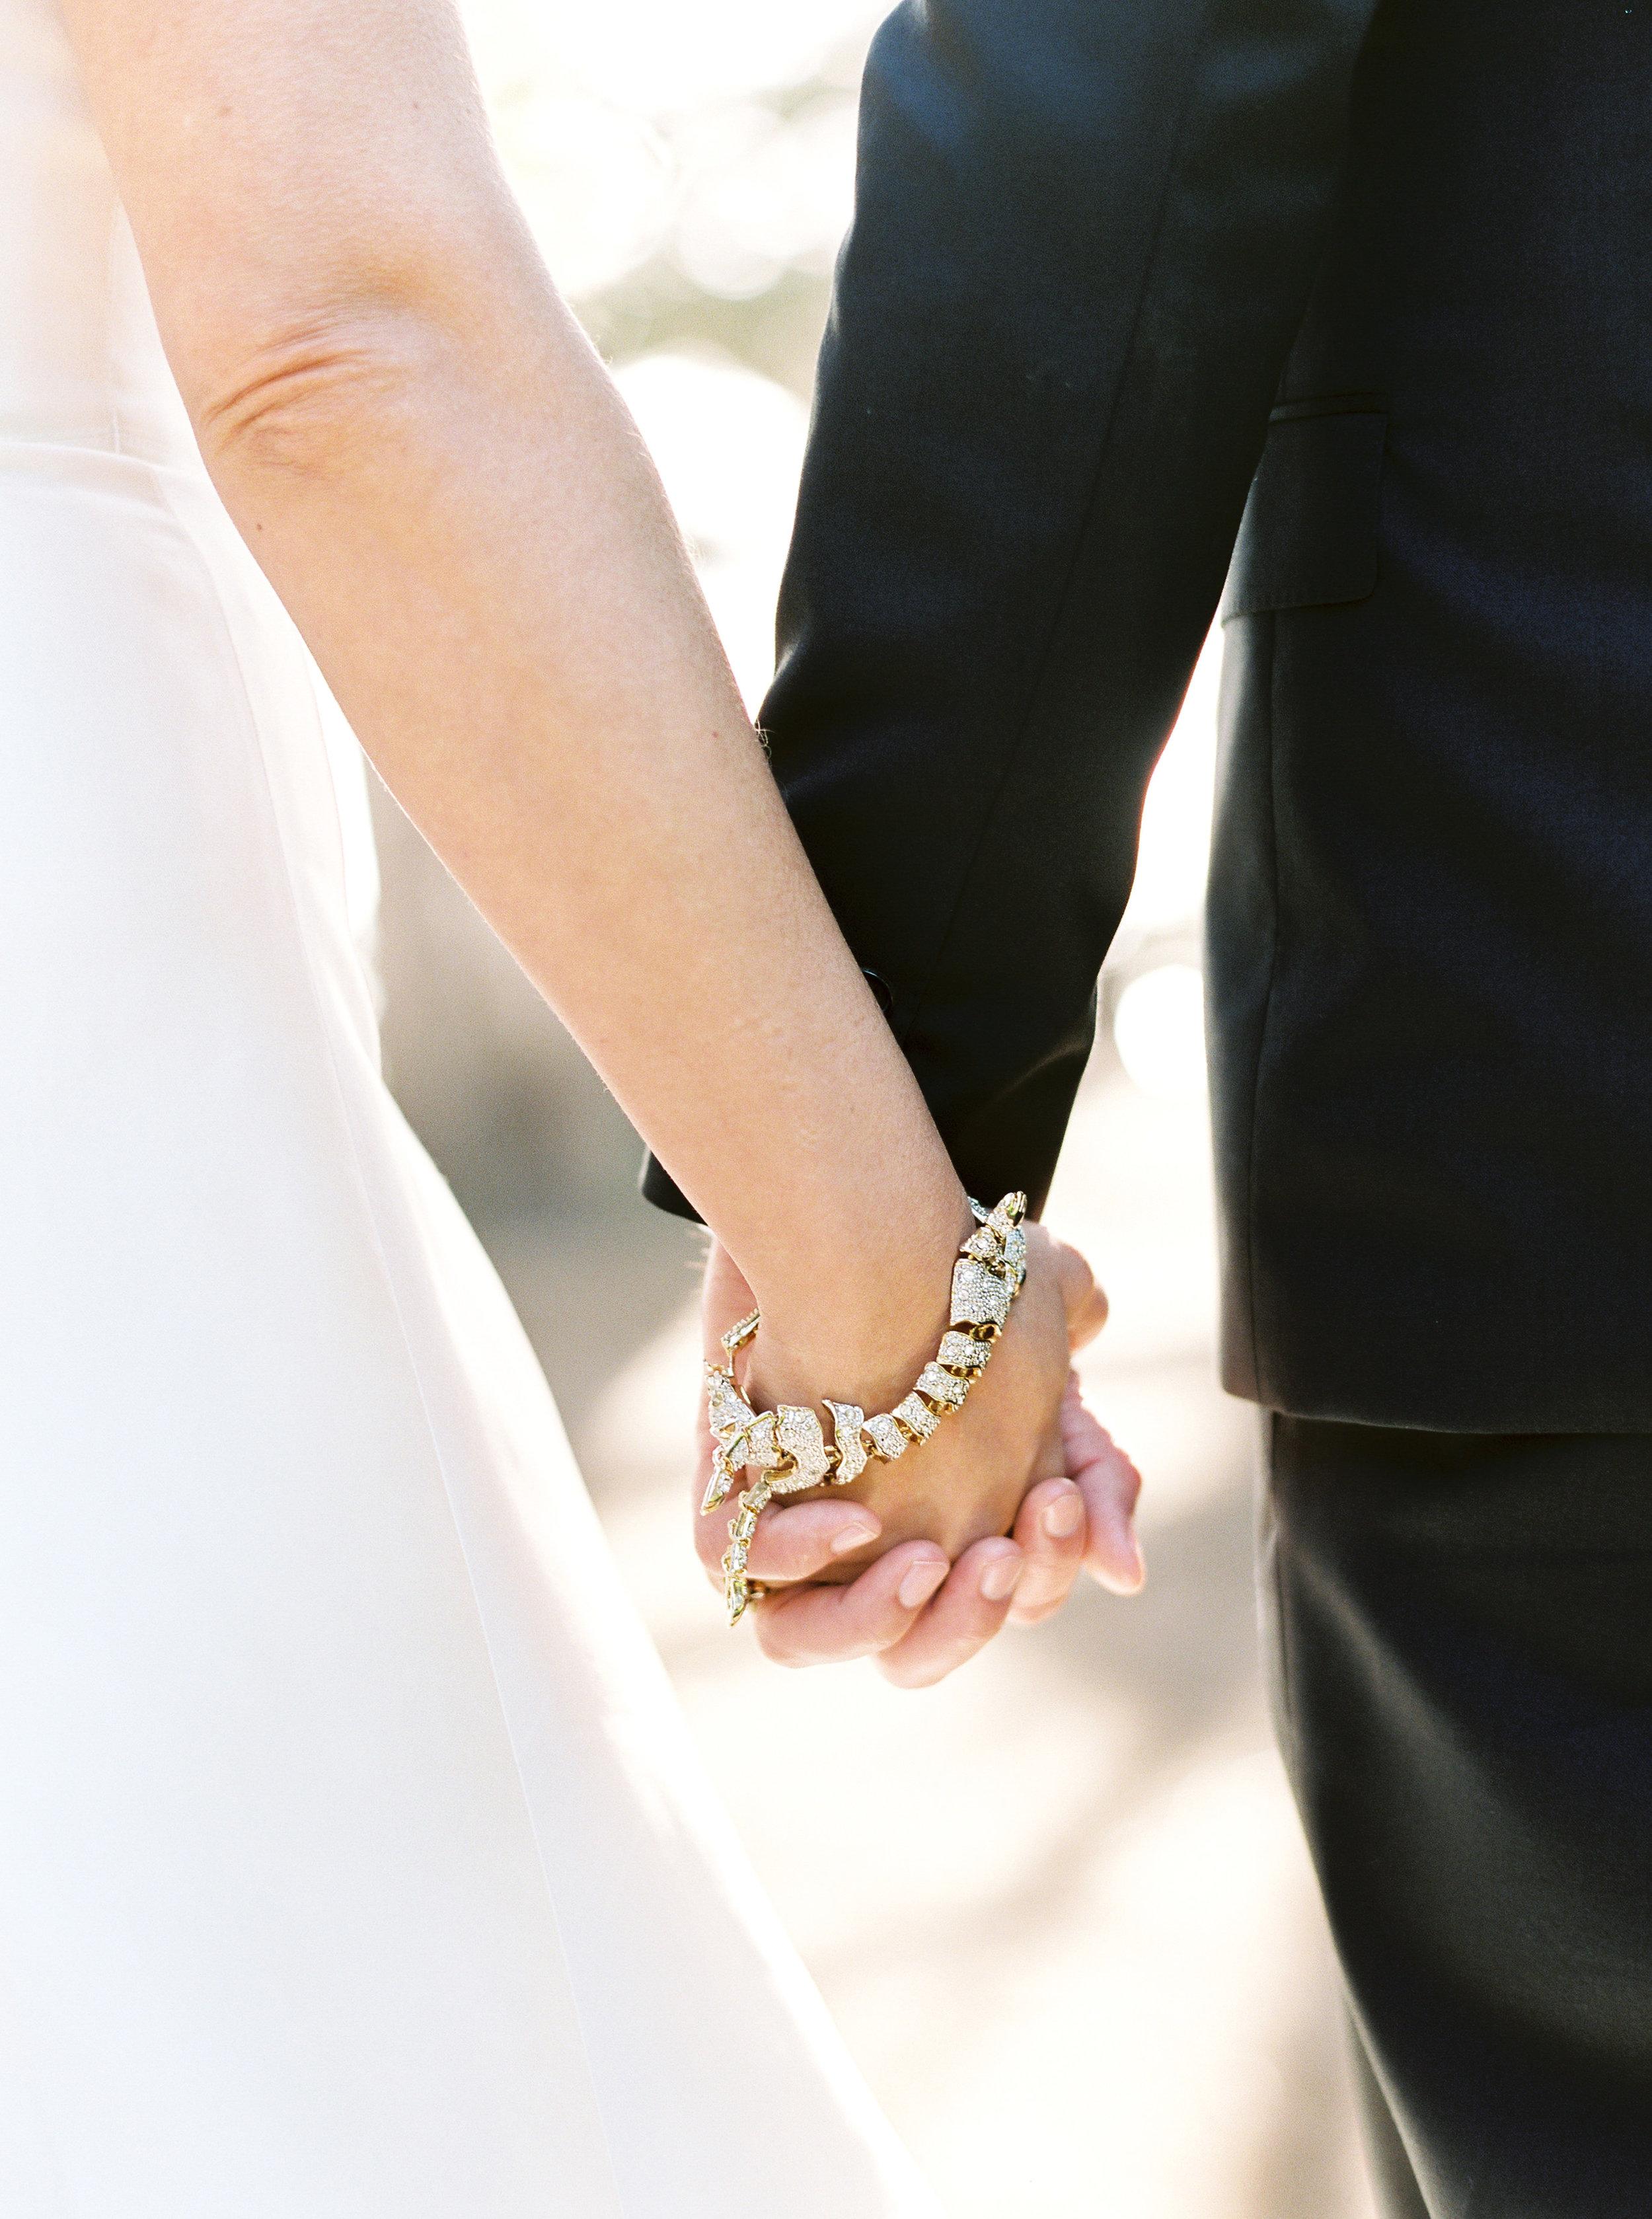 Mavericks-event-center-wedding-in-half-moon-bay-california566.jpg